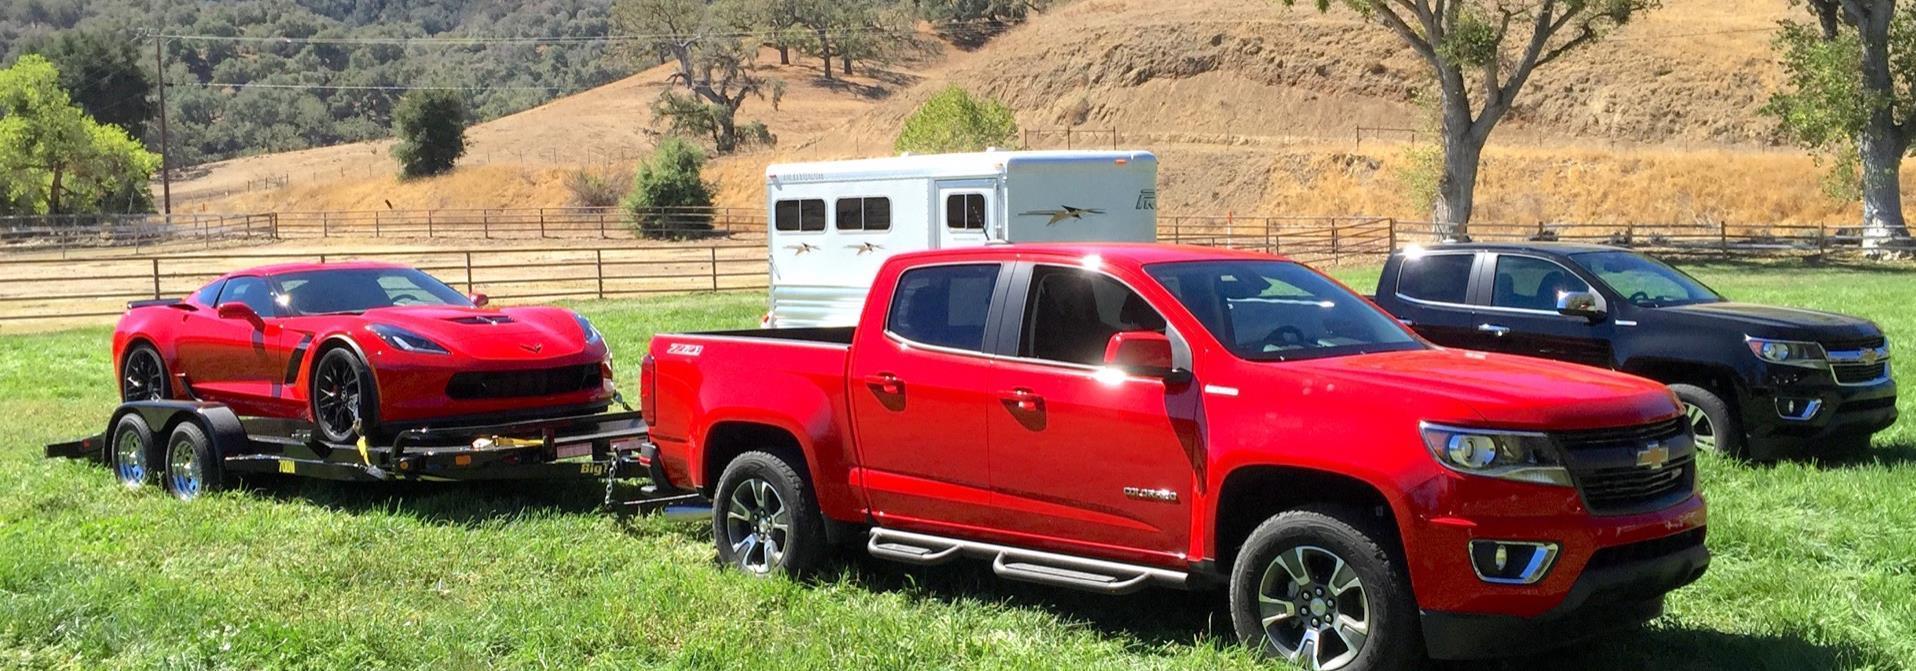 LV Cars Auto Sales East Las Vegas NV | New & Used Cars Trucks Sales ...